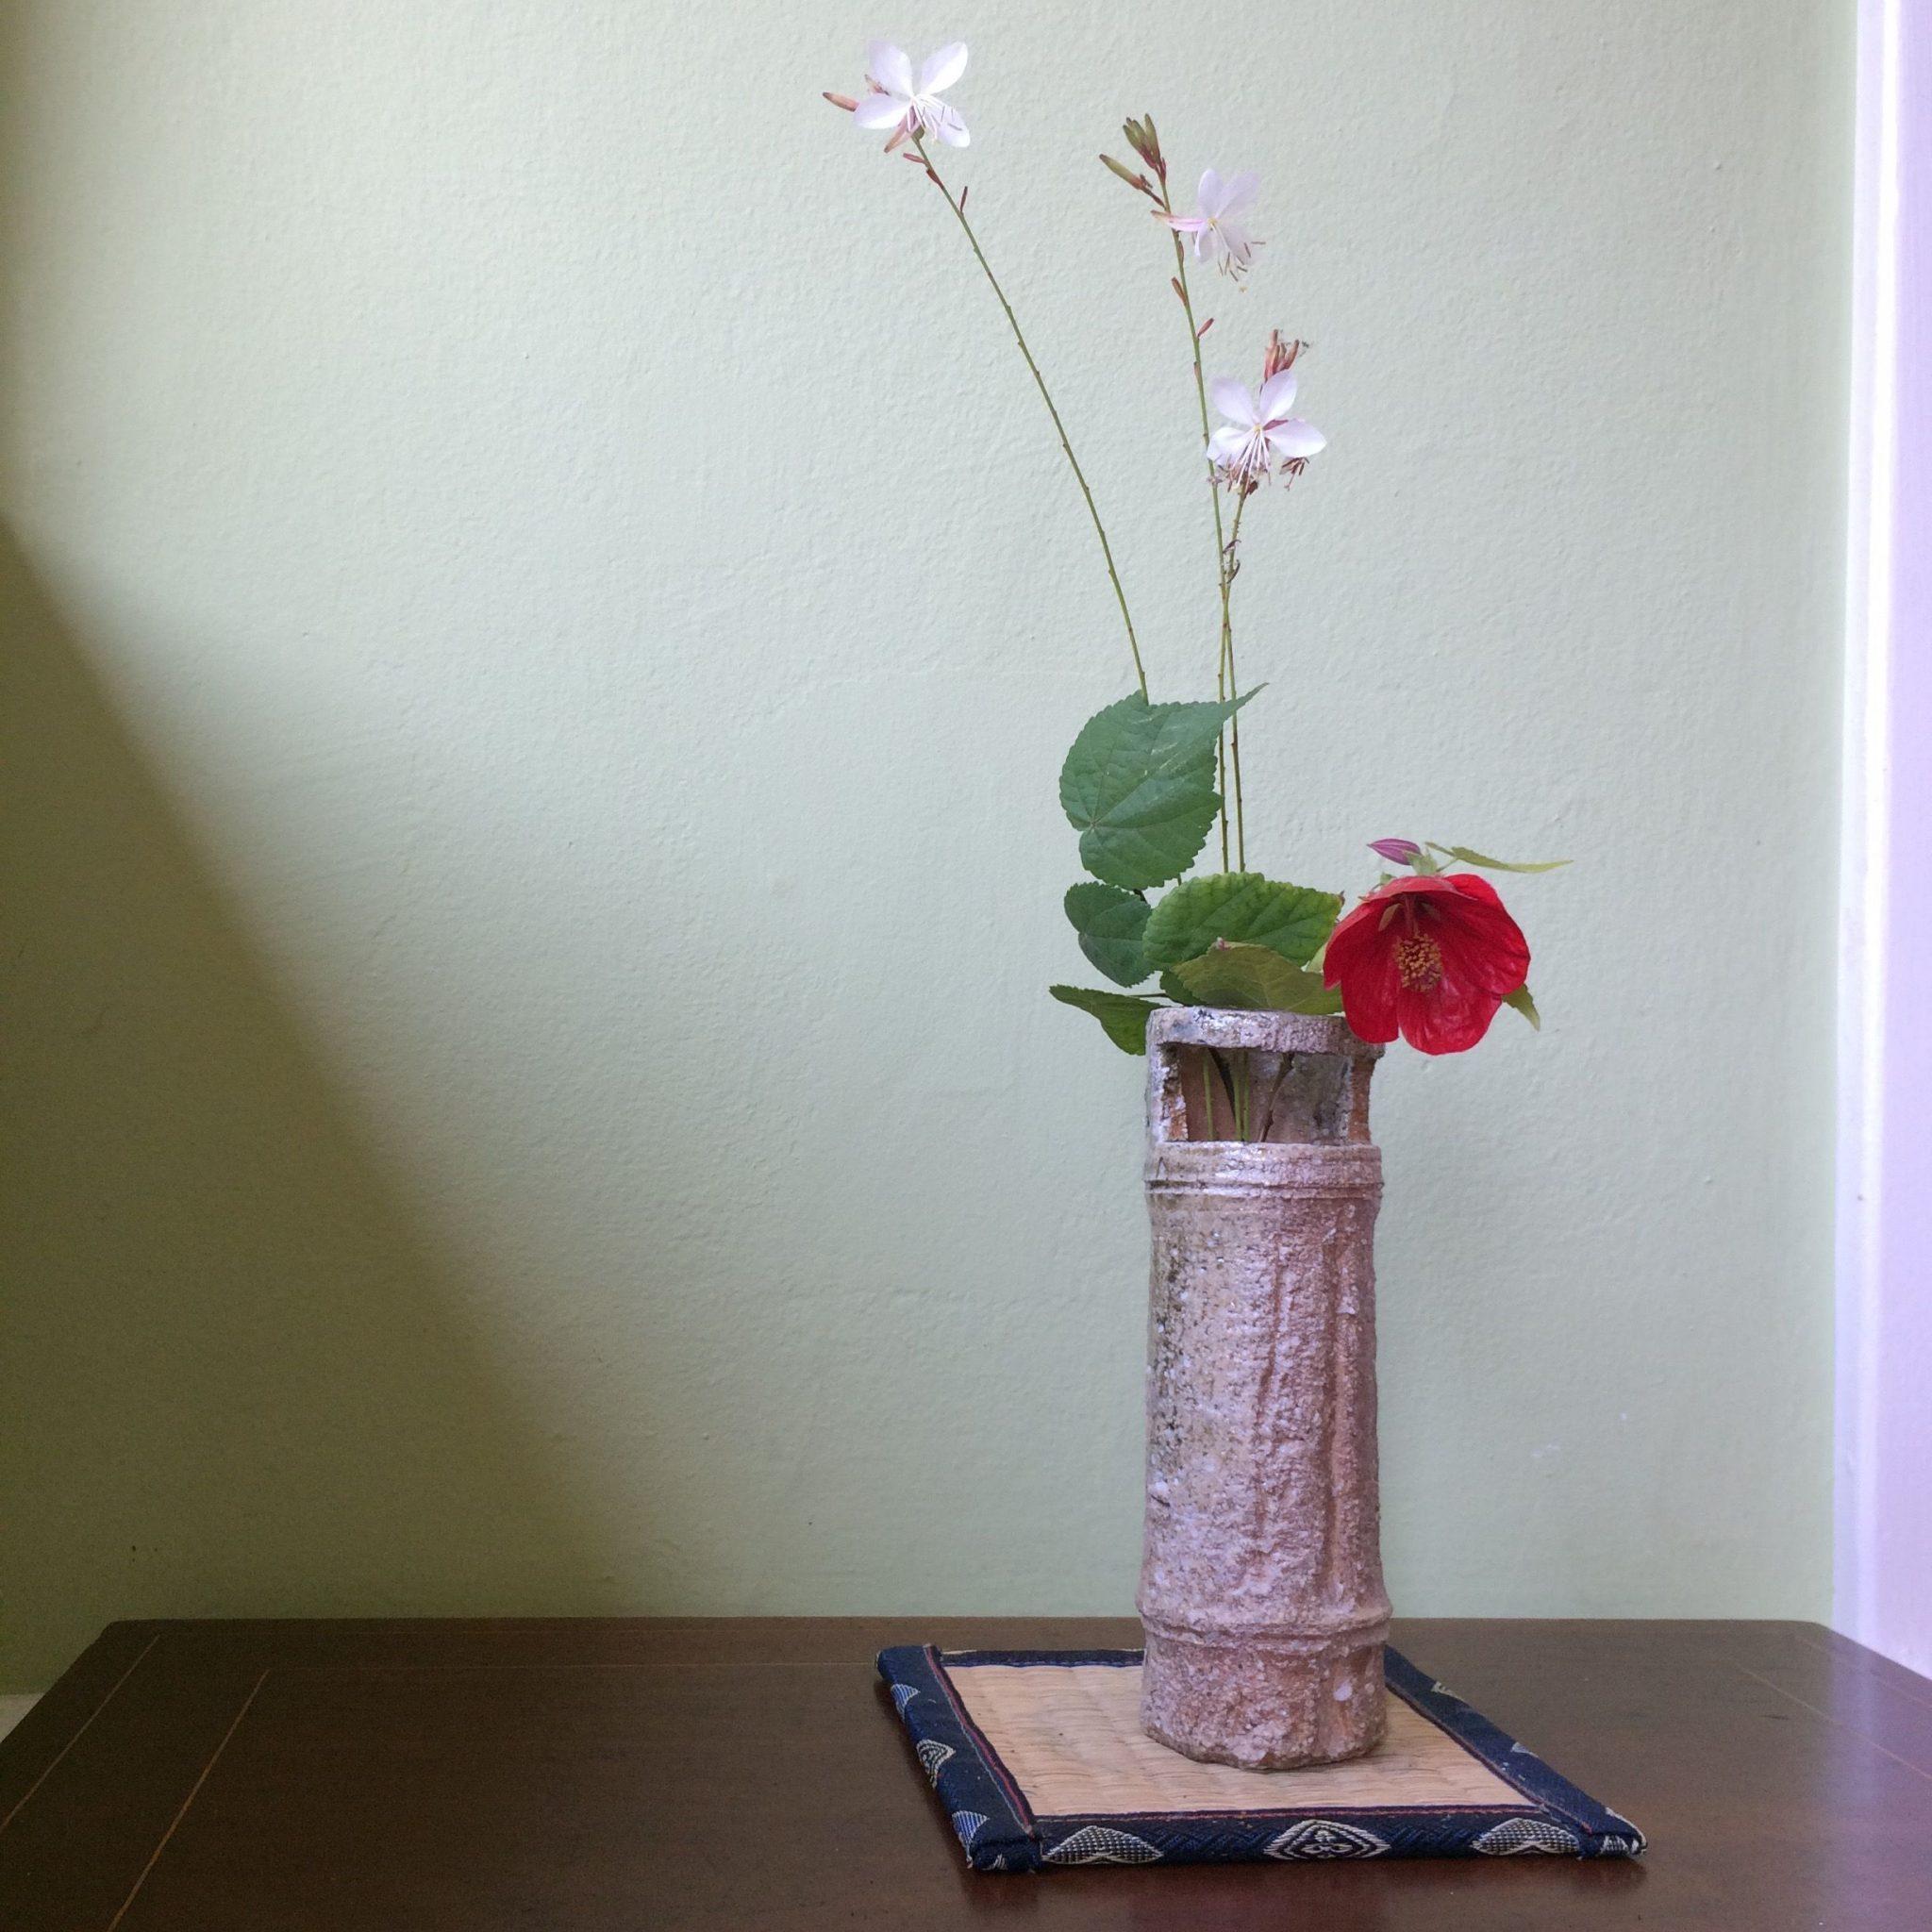 ceramic vase flowers nature art